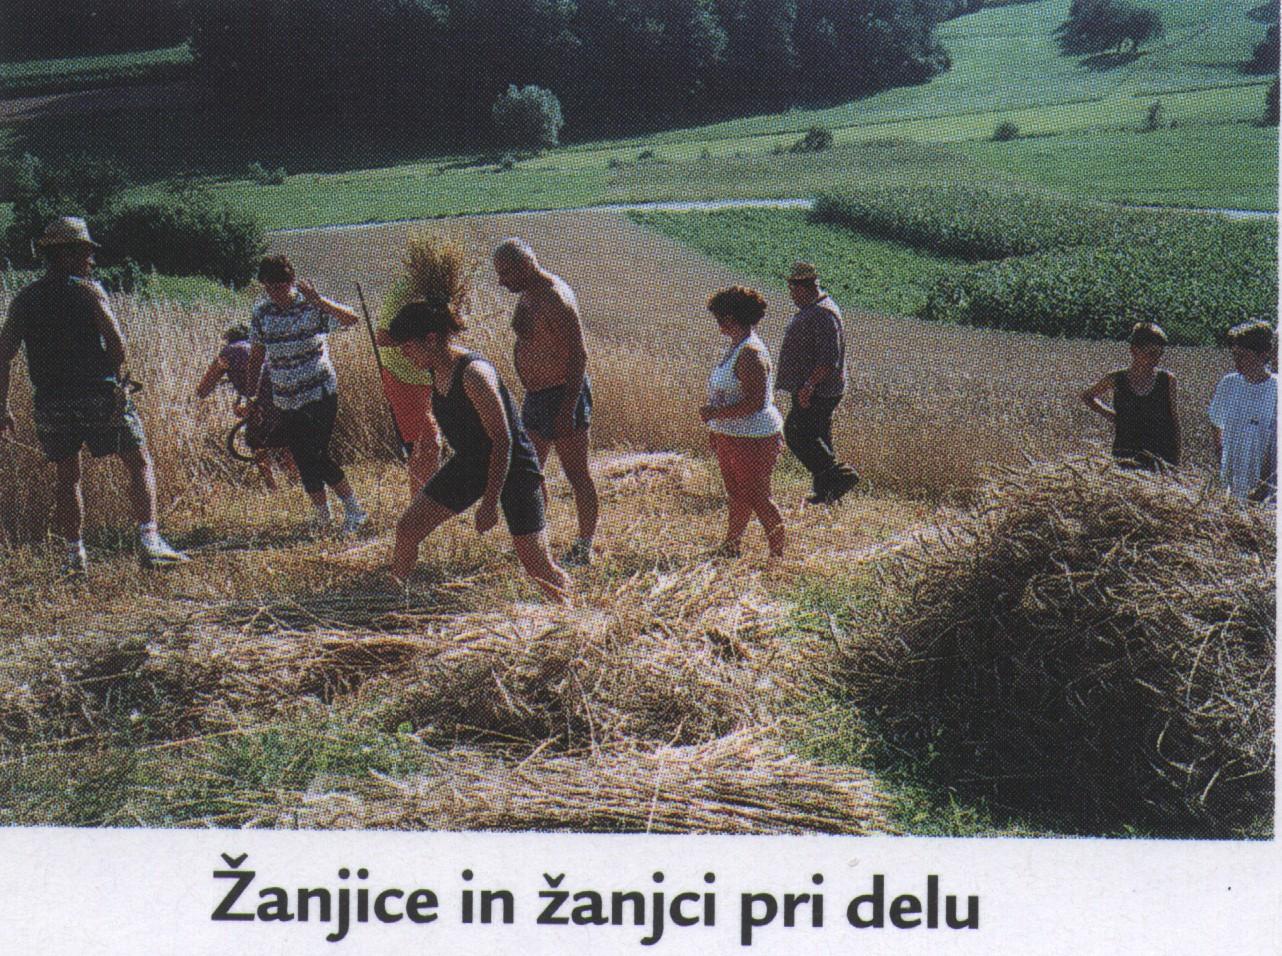 zanjice_pri_delu_1995-2004